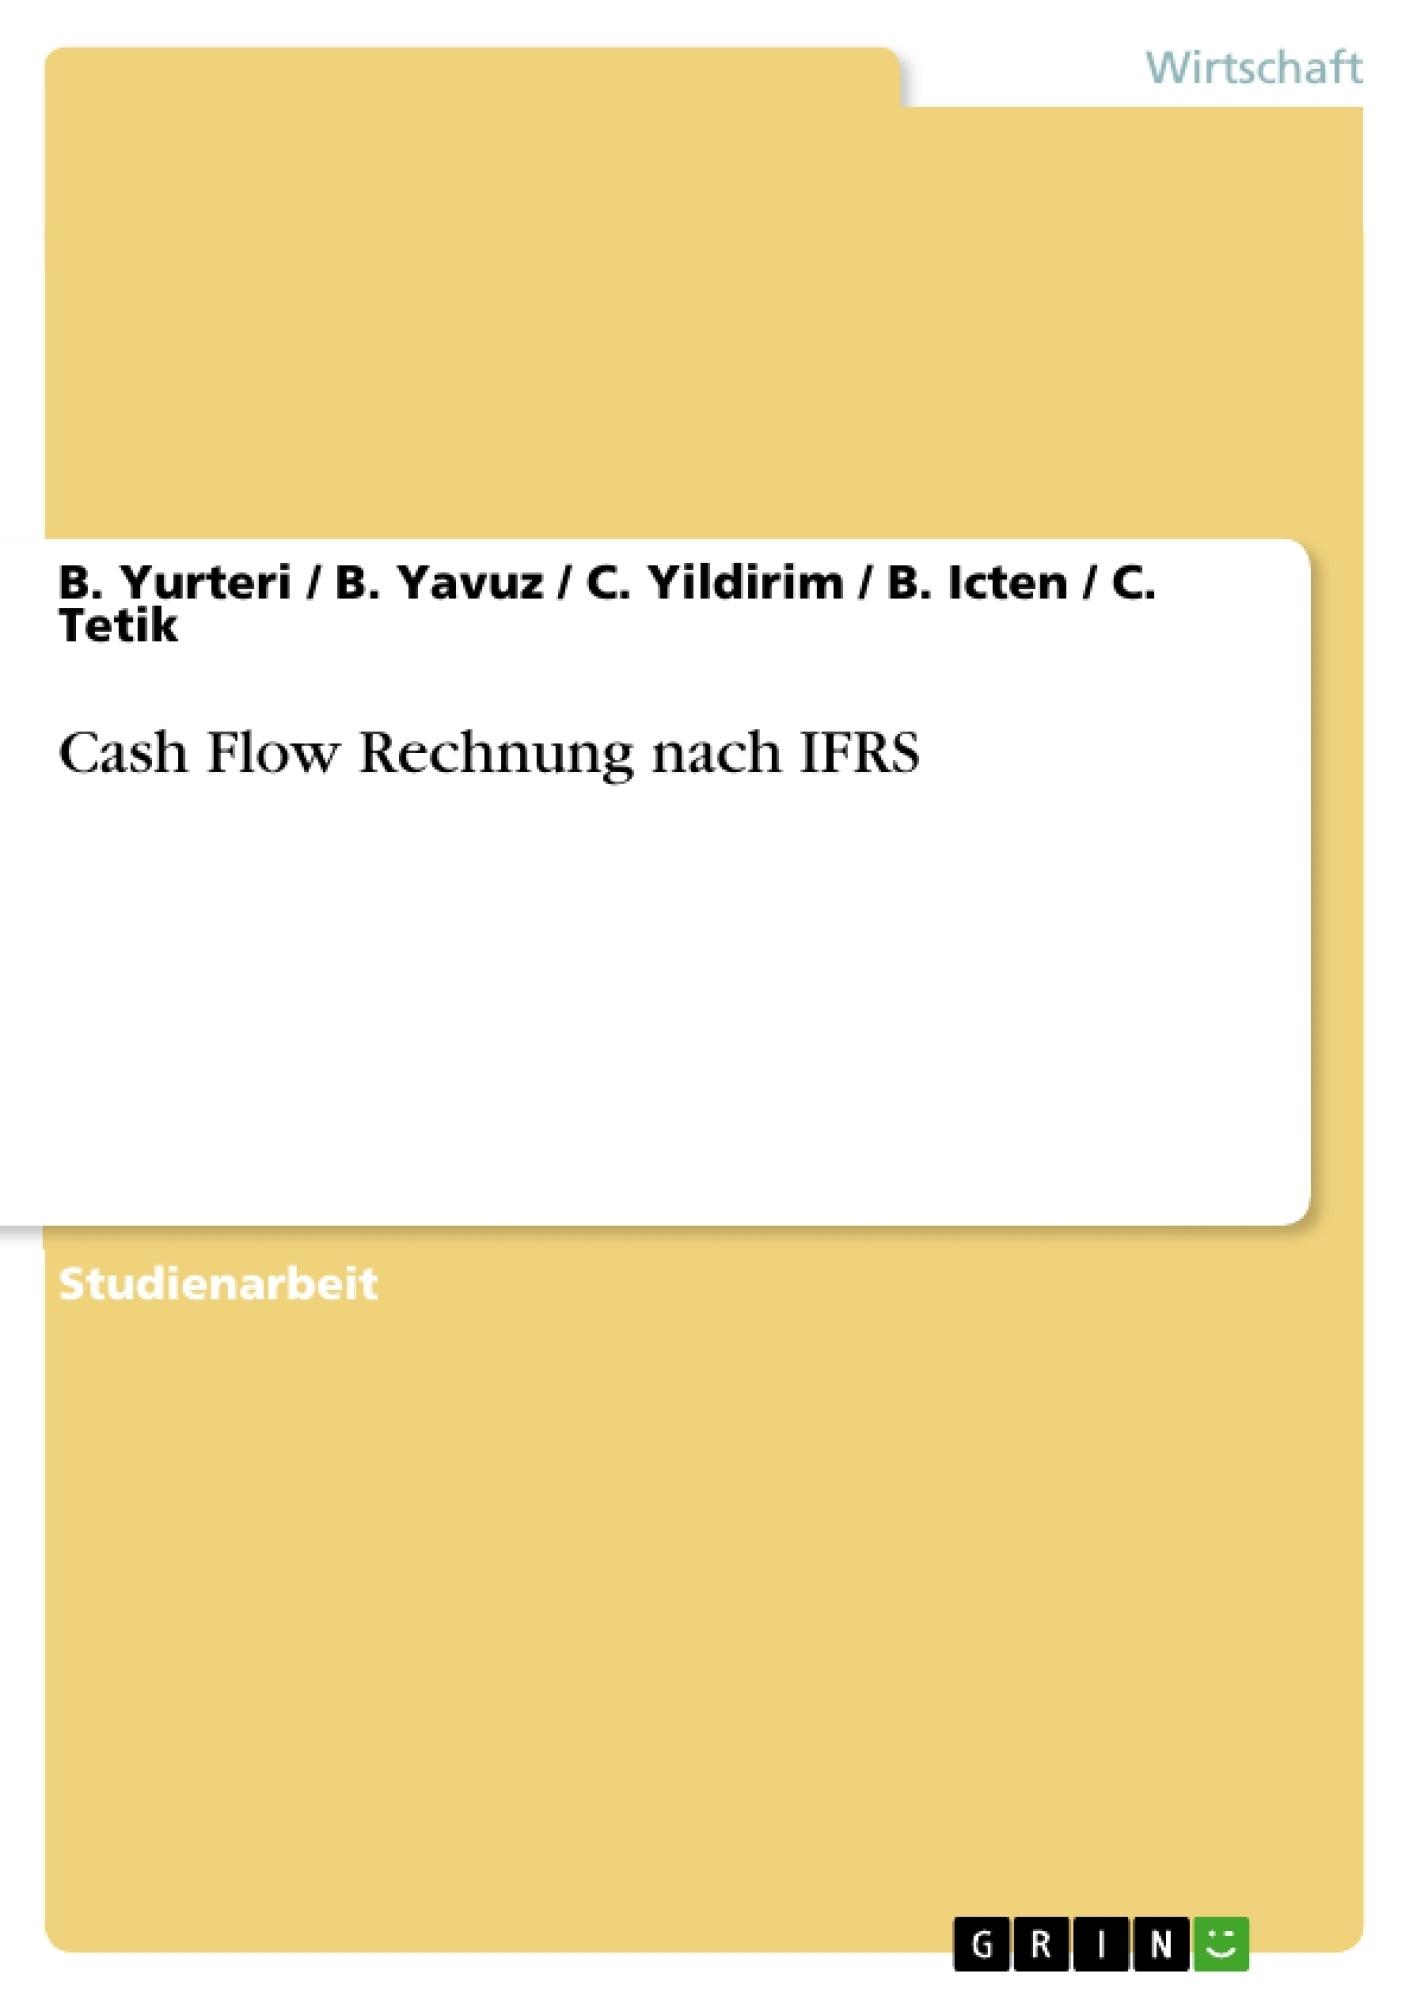 Titel: Cash Flow Rechnung nach IFRS